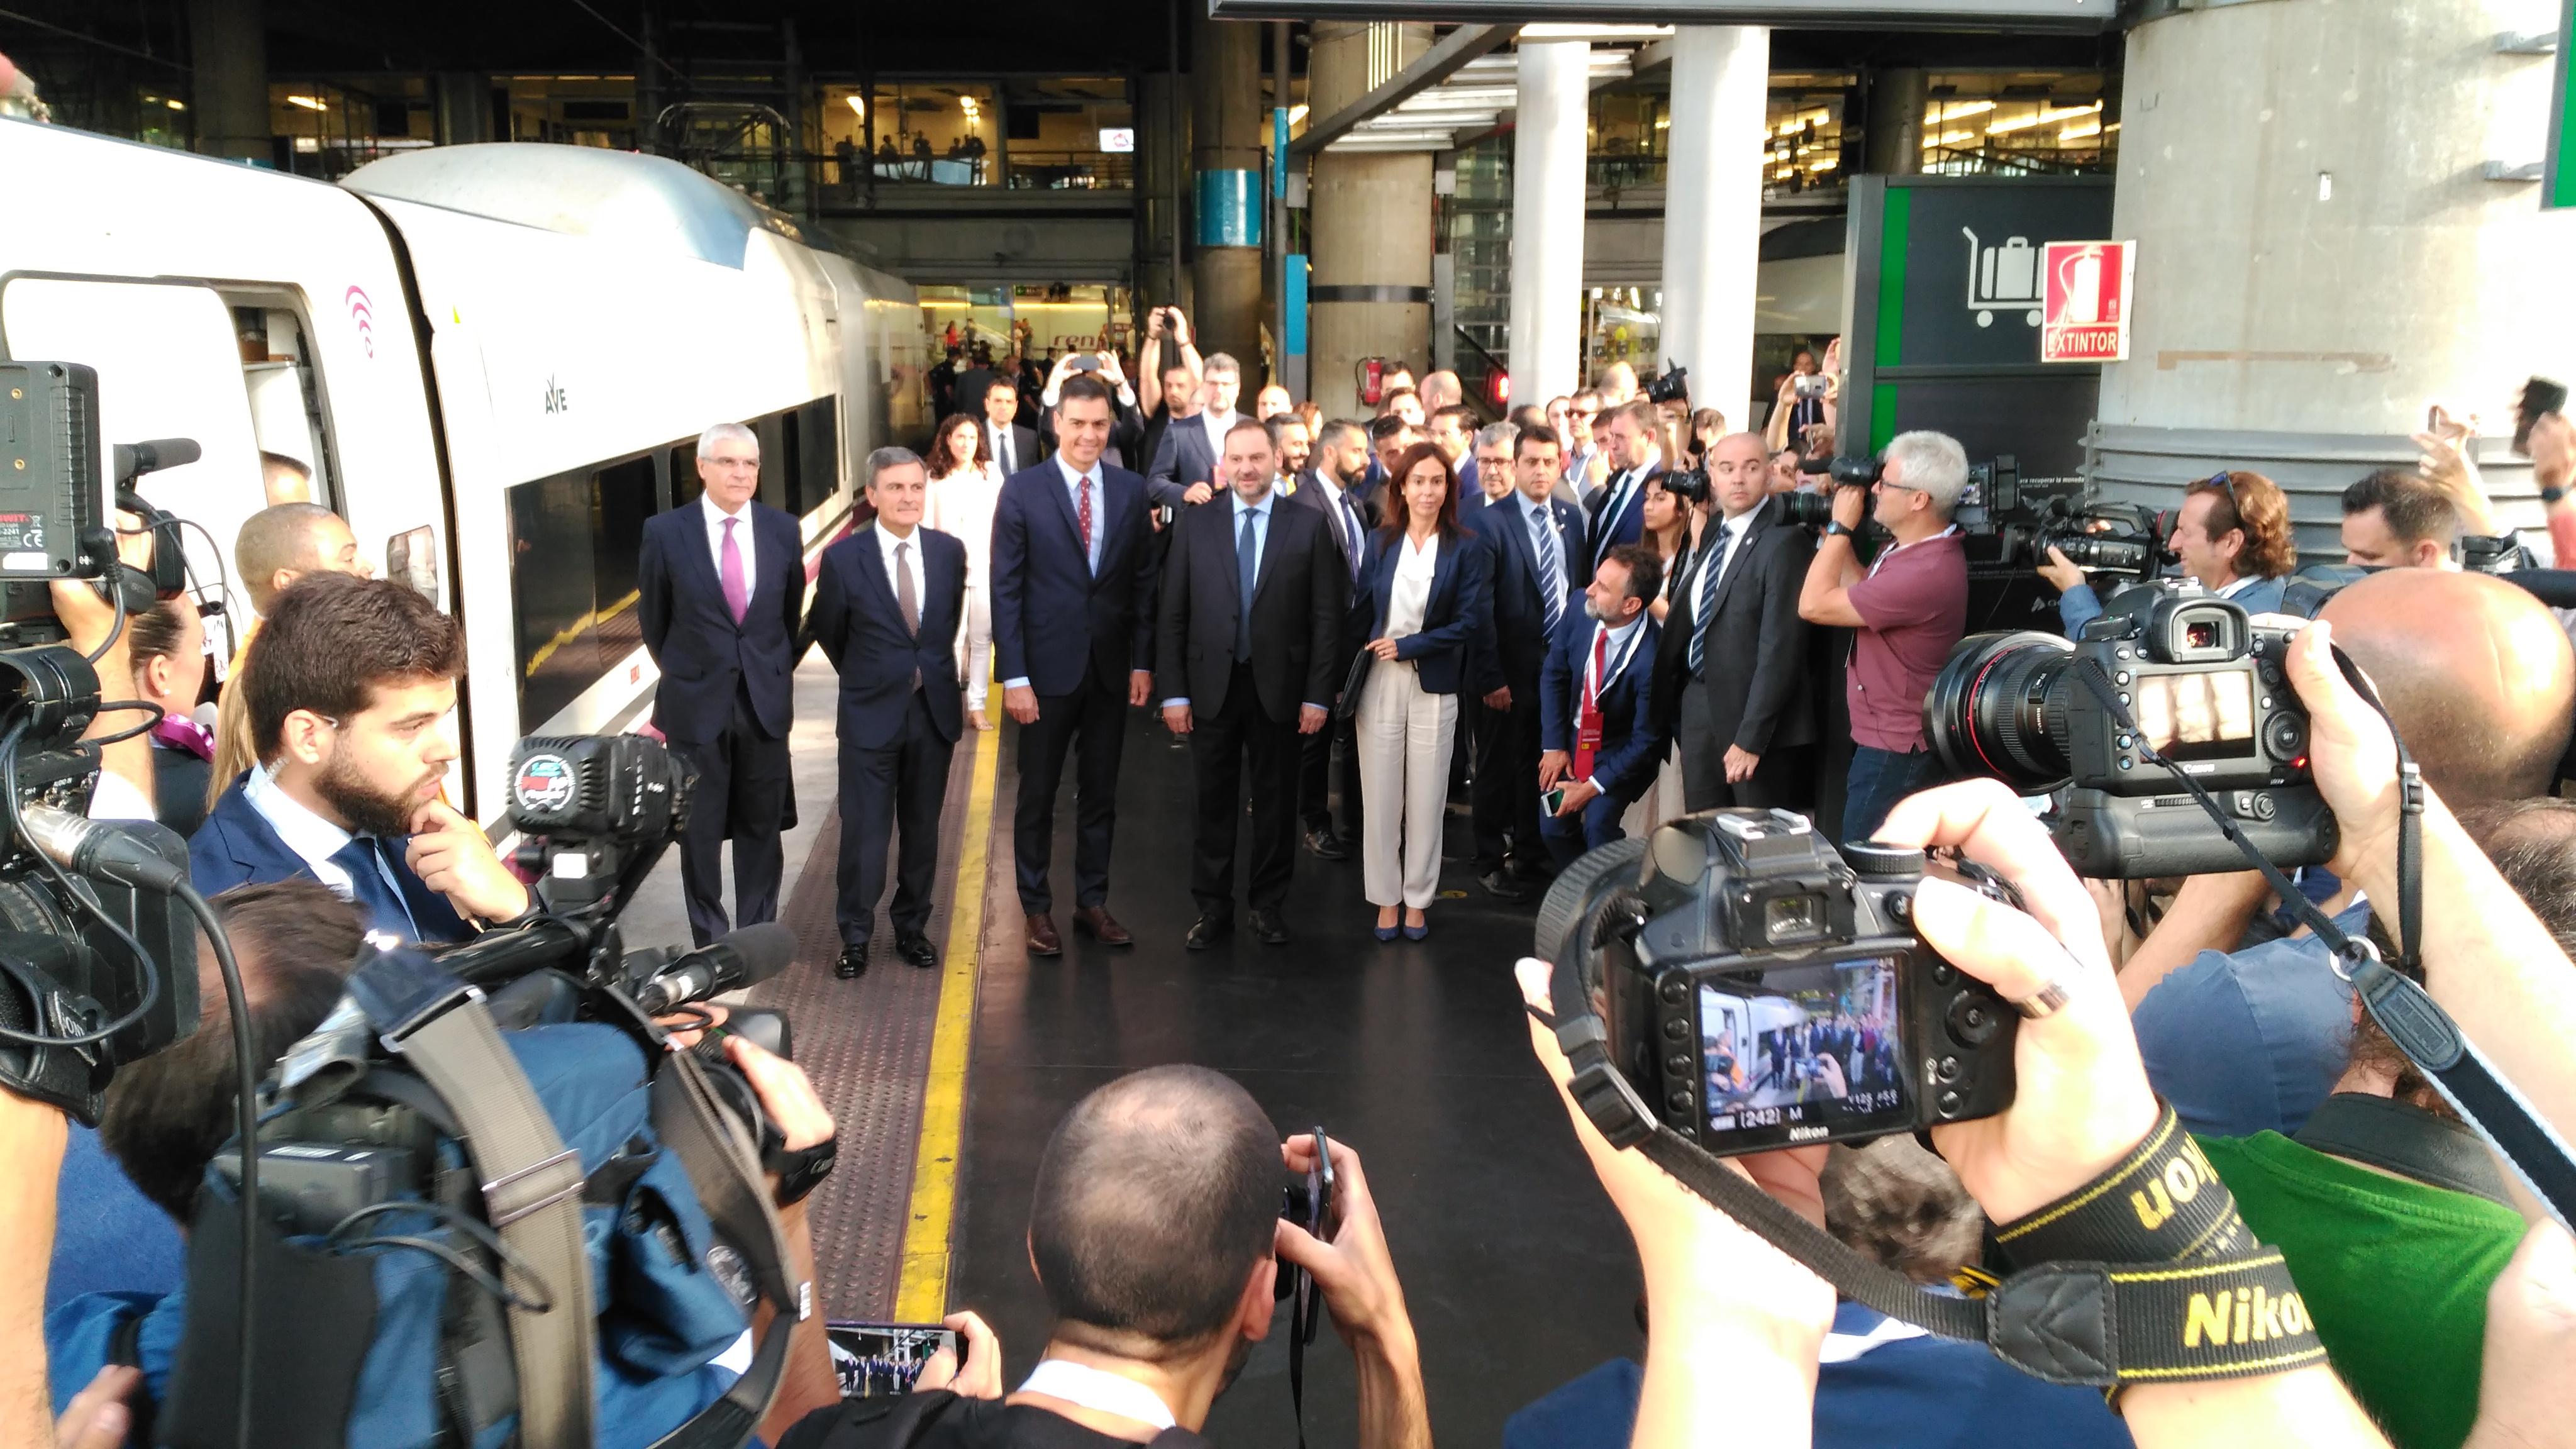 El AVE llega hoy a Granada con un viaje inaugural presidido por Pedro Sánchez